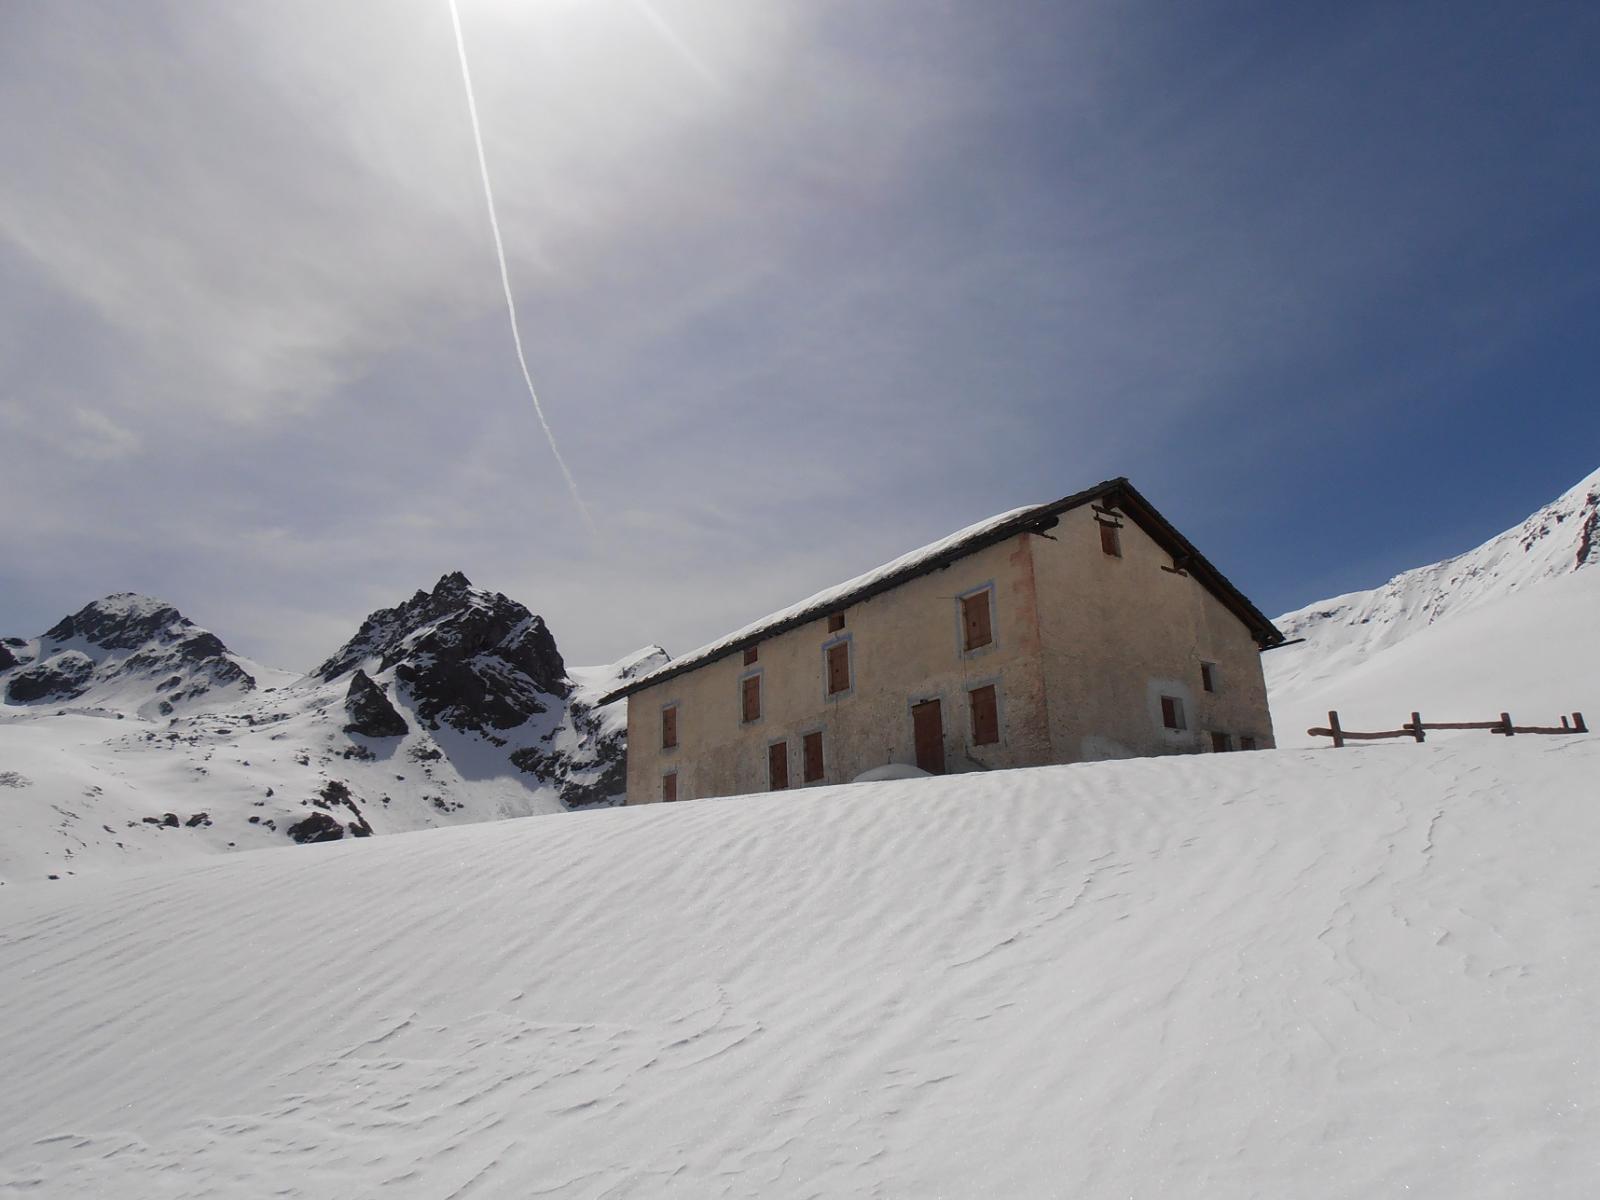 19 - l'arrivo sul manto nevoso immaccolato, ma vale la pena continuare altri 10 minuti fino al punto panoramico